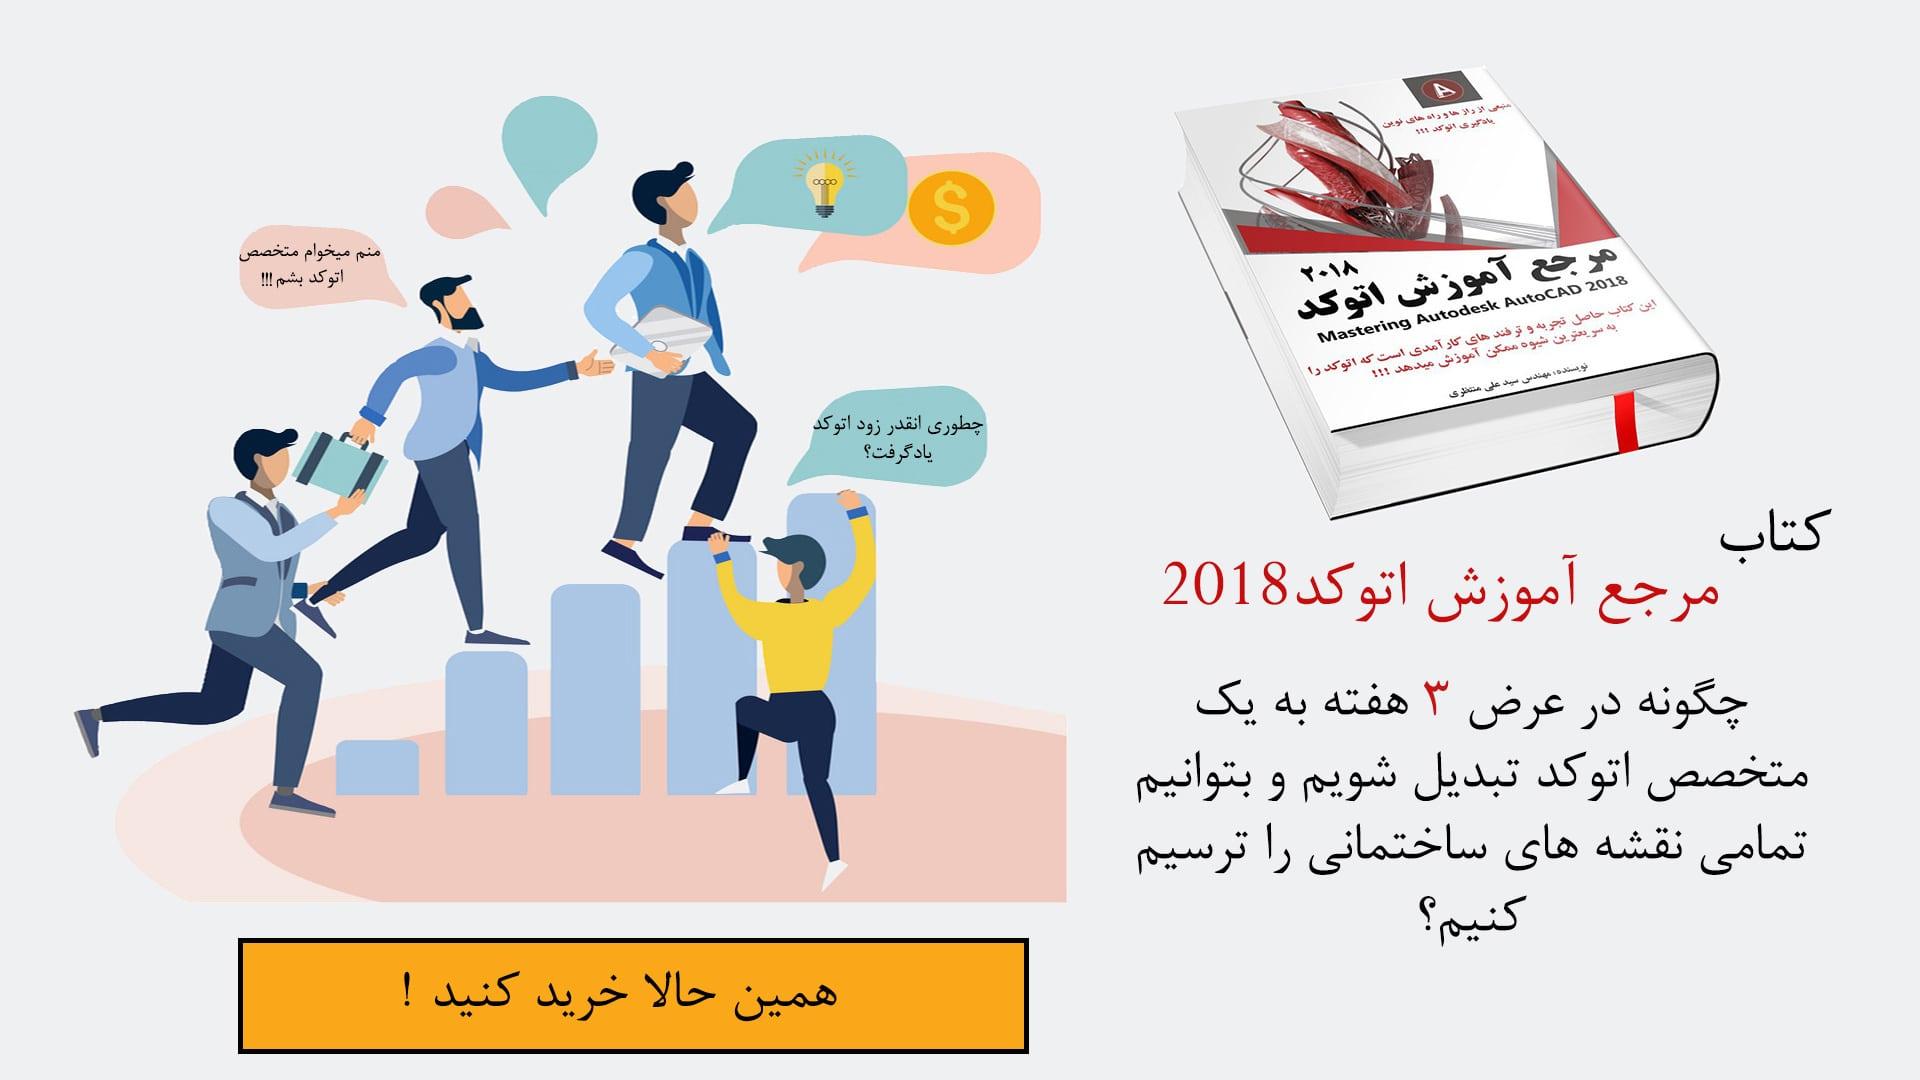 کتاب چاپ شده آموزش اتوکد 2018